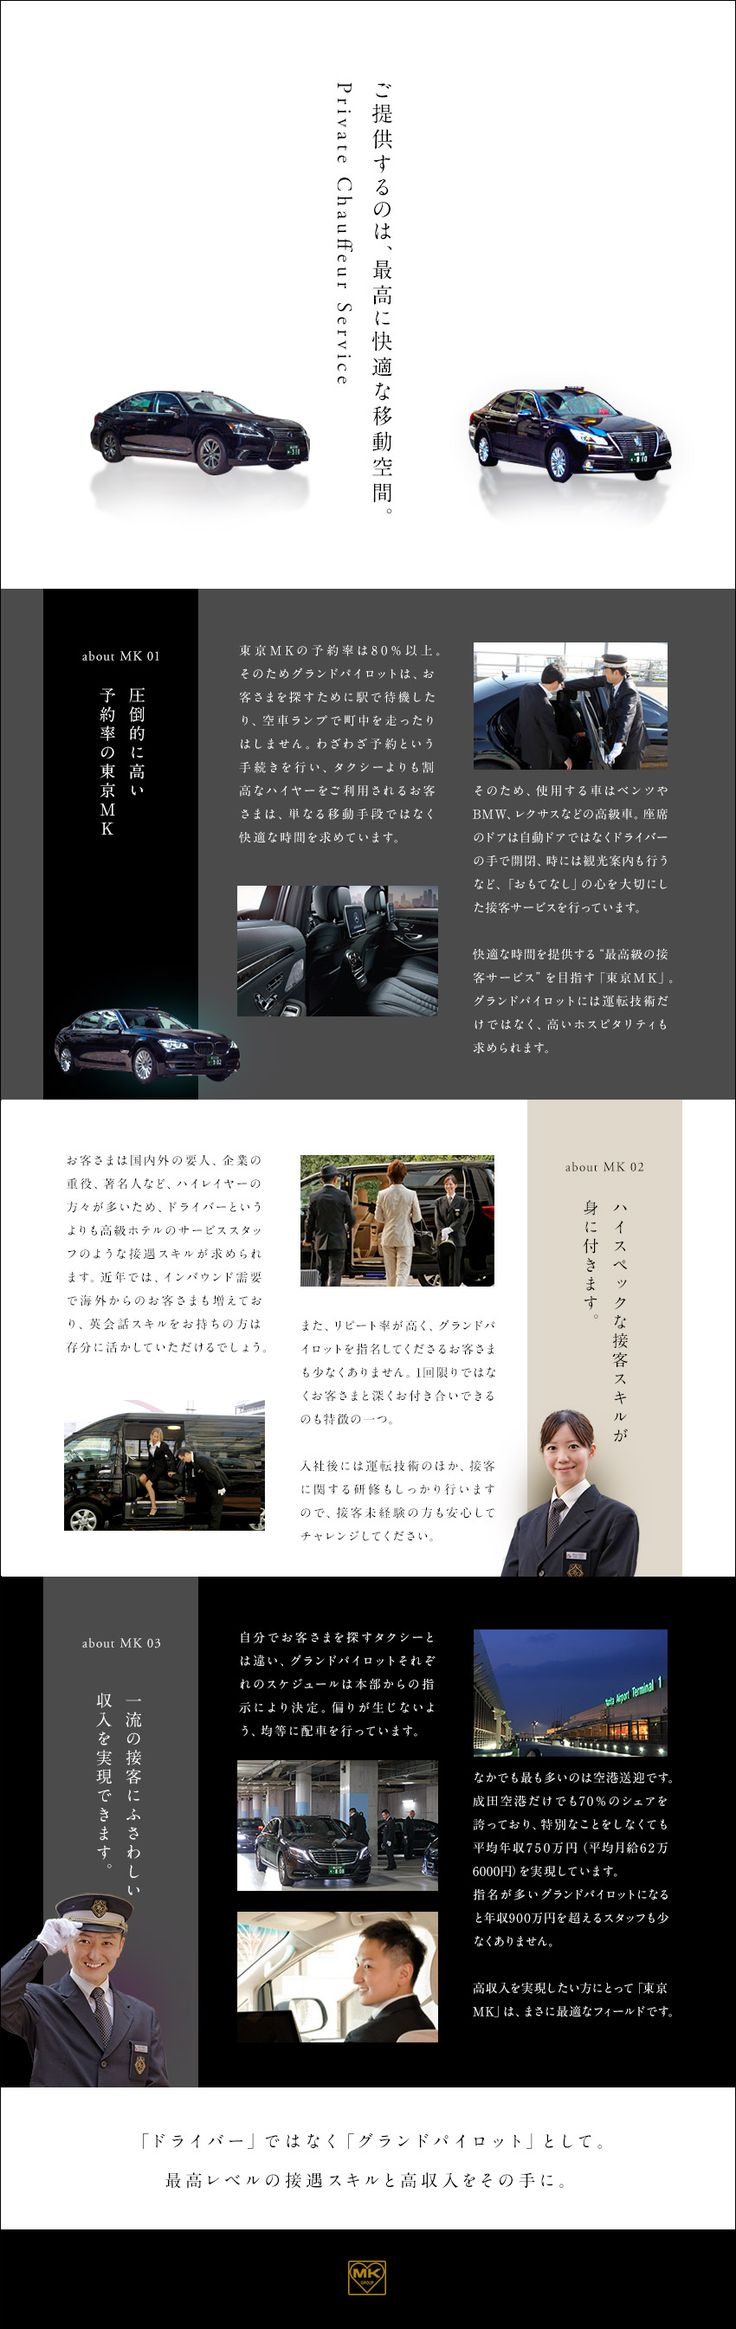 東京エムケイ株式会社/平均年収750万円/グランドパイロット(予約8割以上のタクシードライバー)/採用人数:50名の求人PR - 転職ならDODA(デューダ)